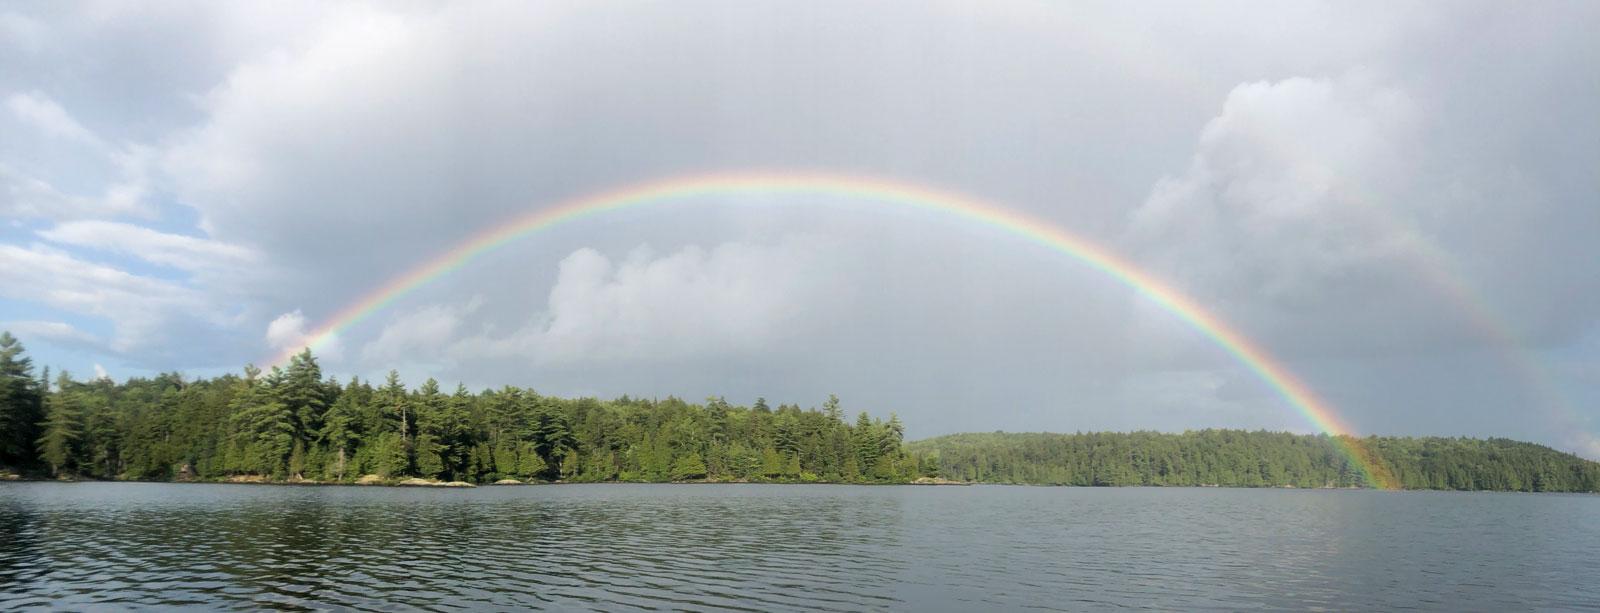 doubel rainbow